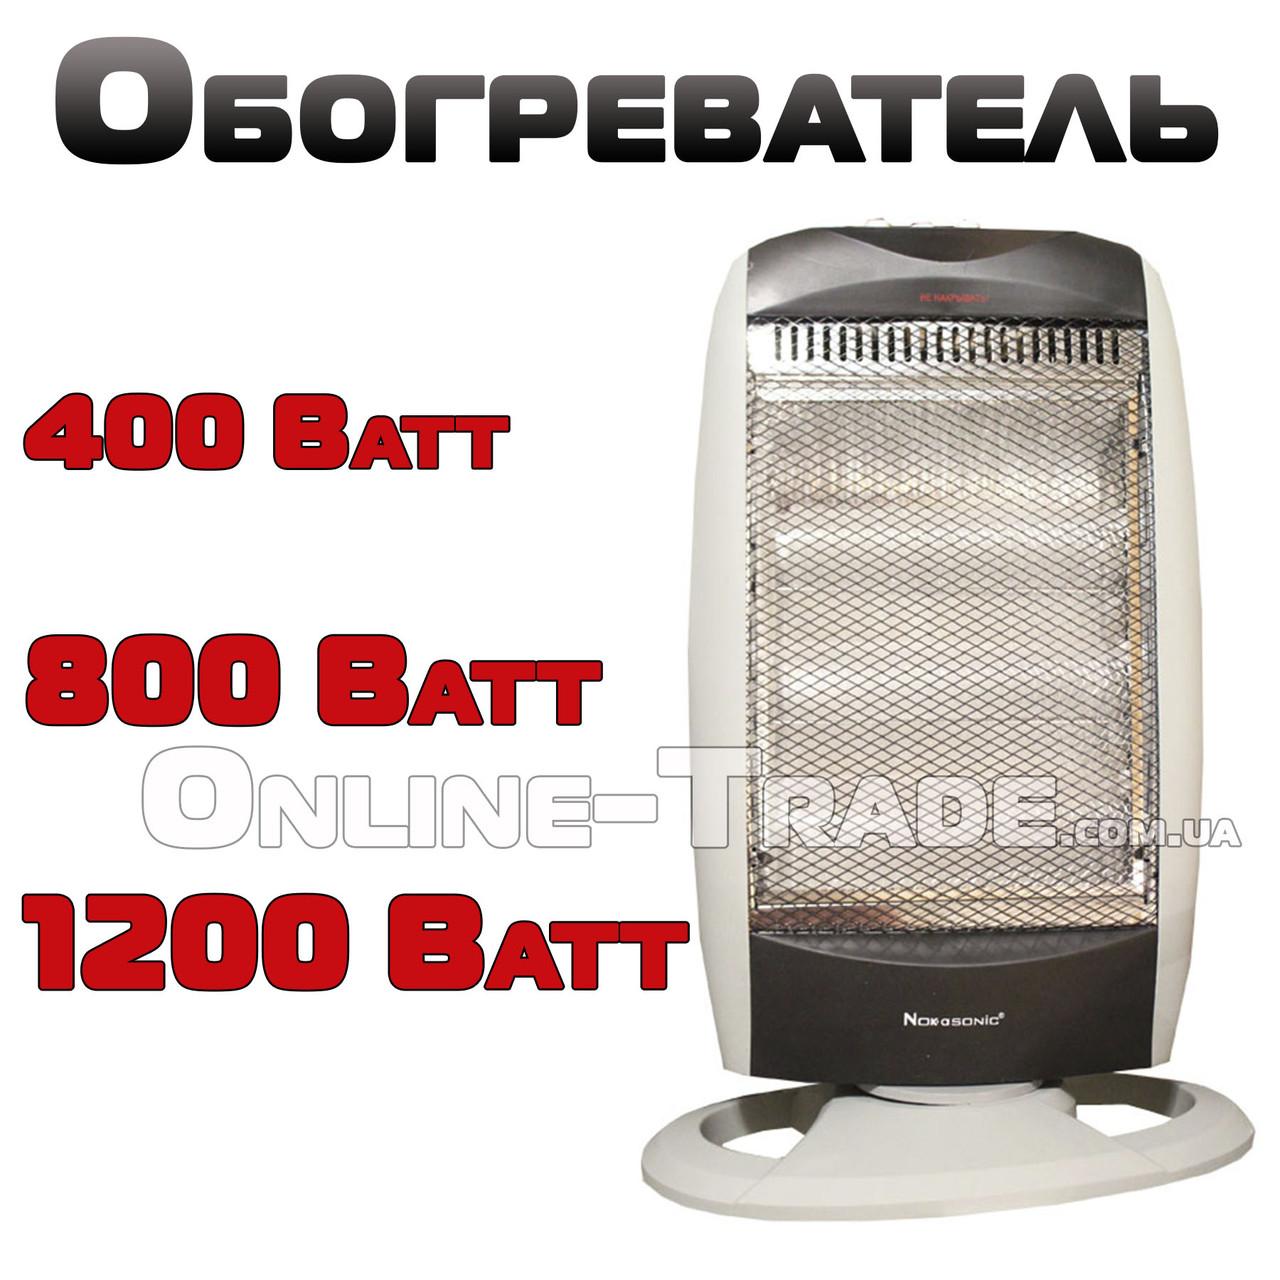 Обогреватель кварцевый Nokasonik NK-455 400-800-1200 Ватт